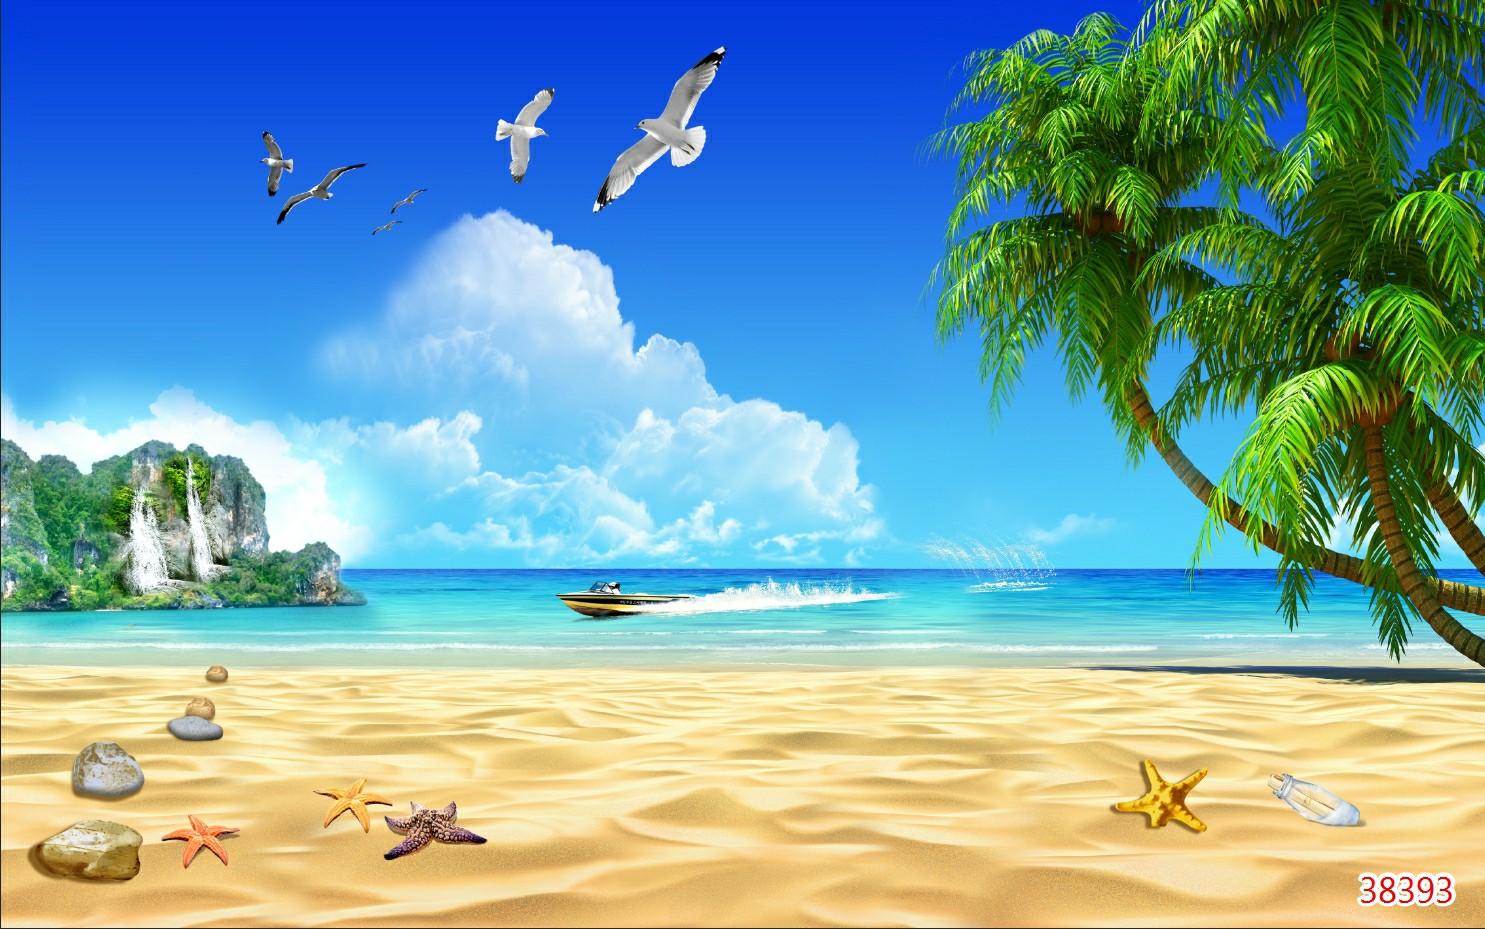 Tranh Phong Cảnh Biển - 38393